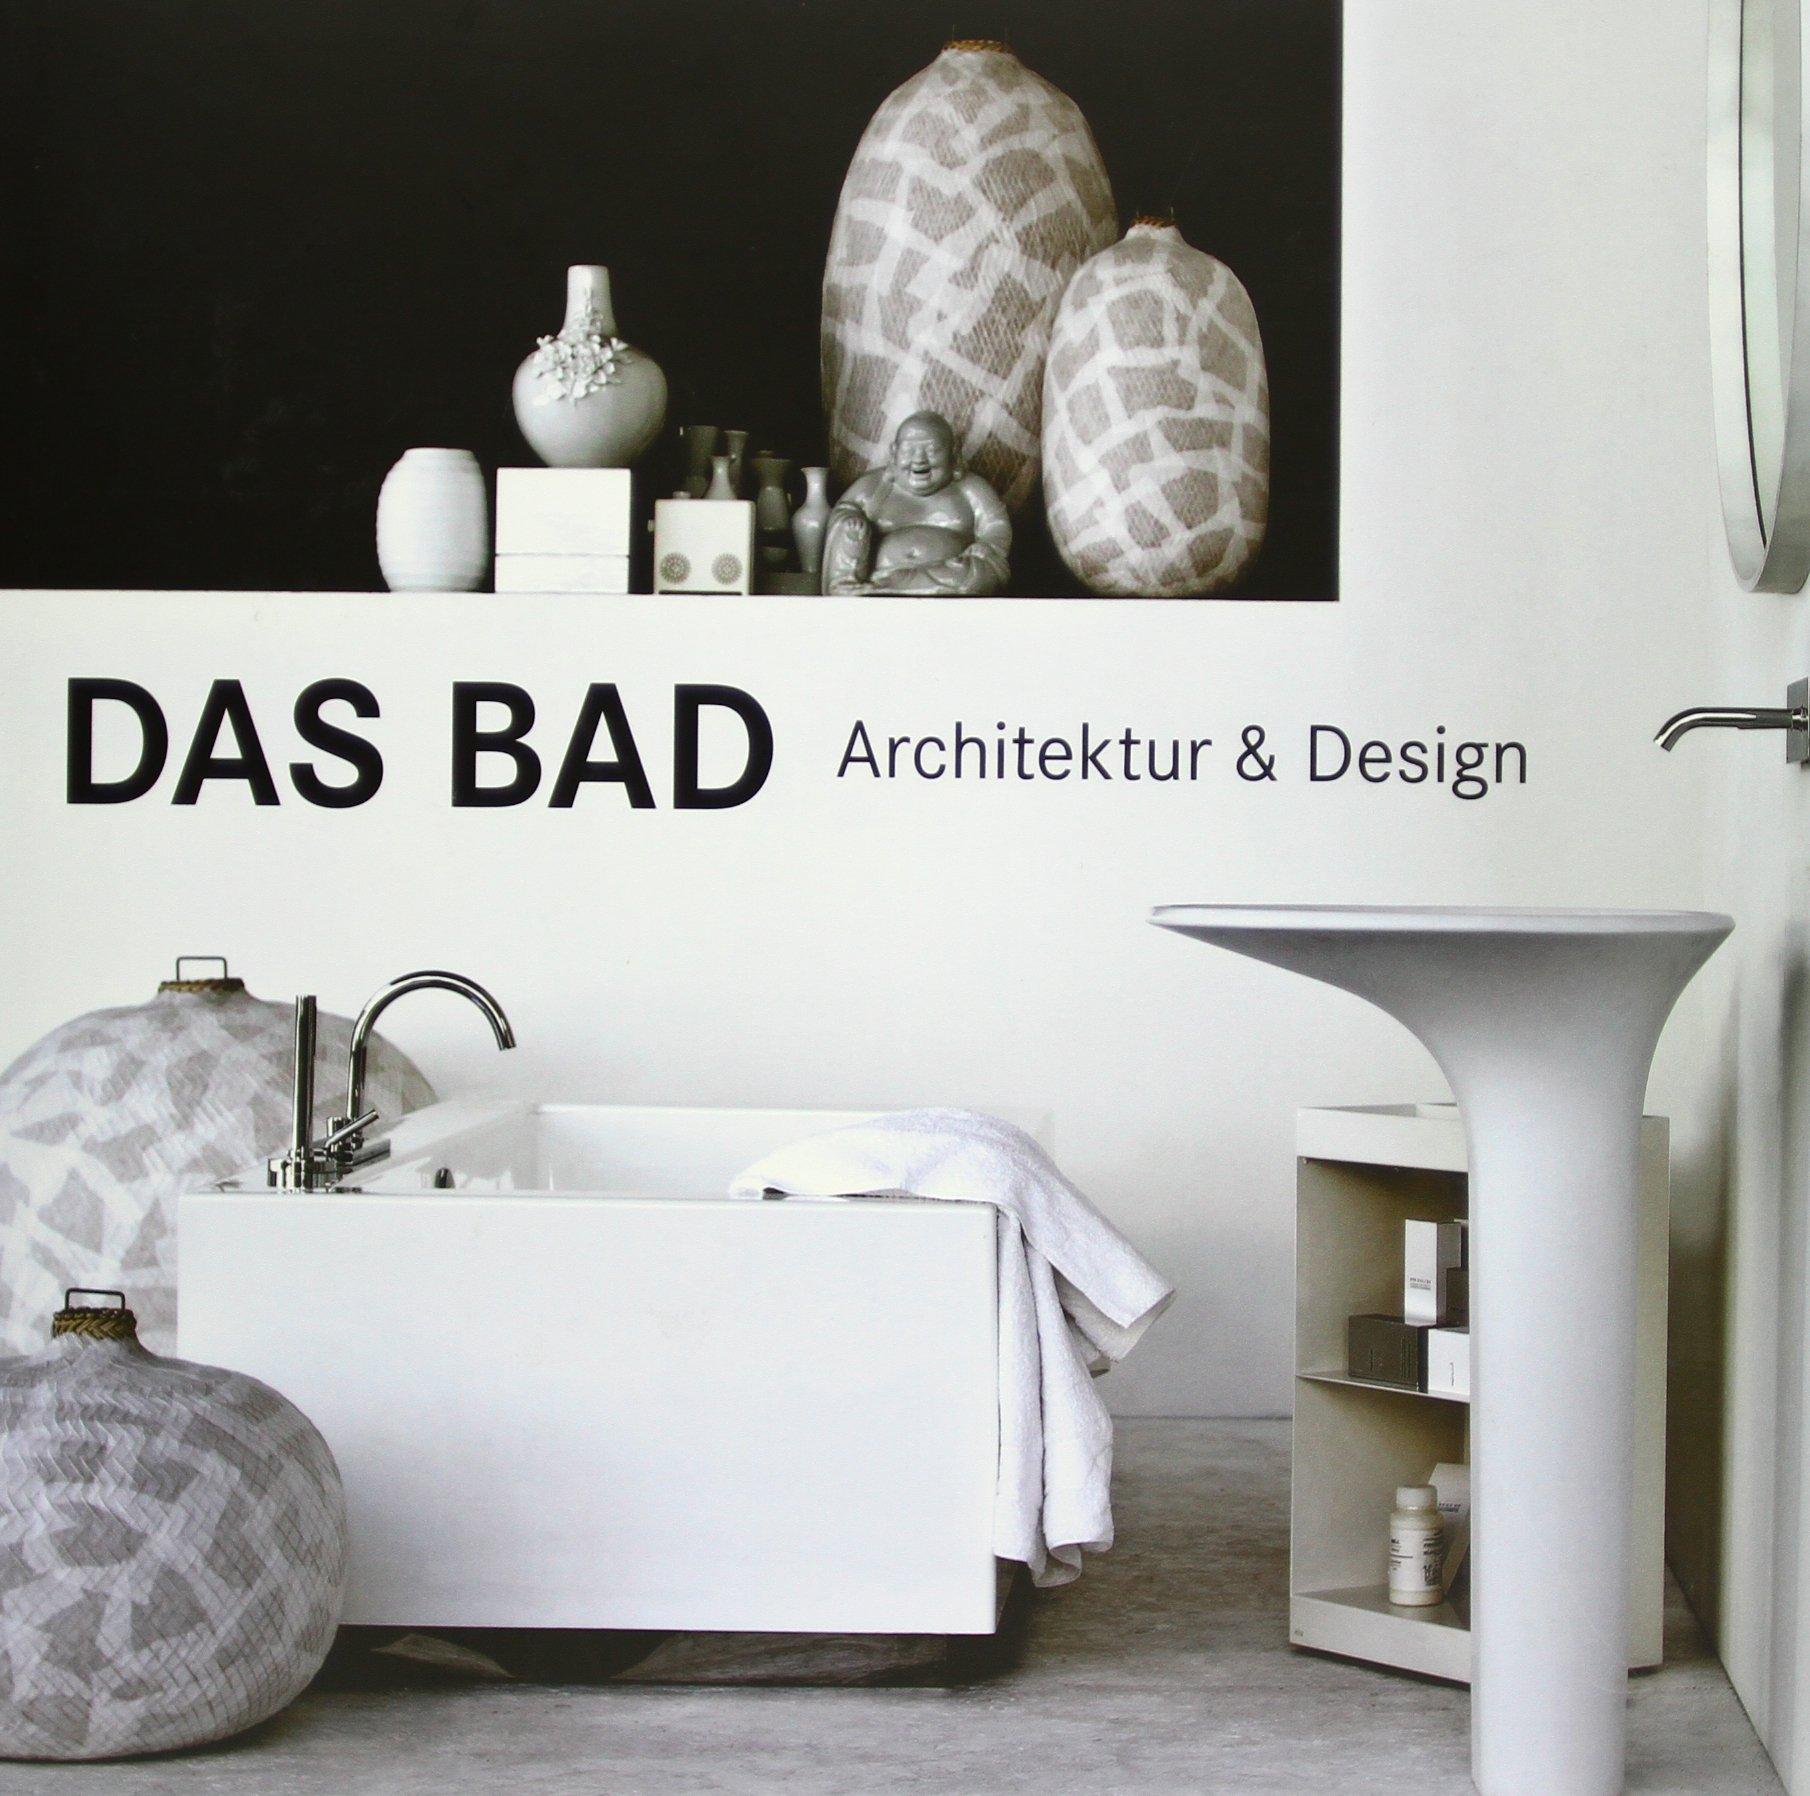 Das Bad. Architektur und Design; The Bathroom Book